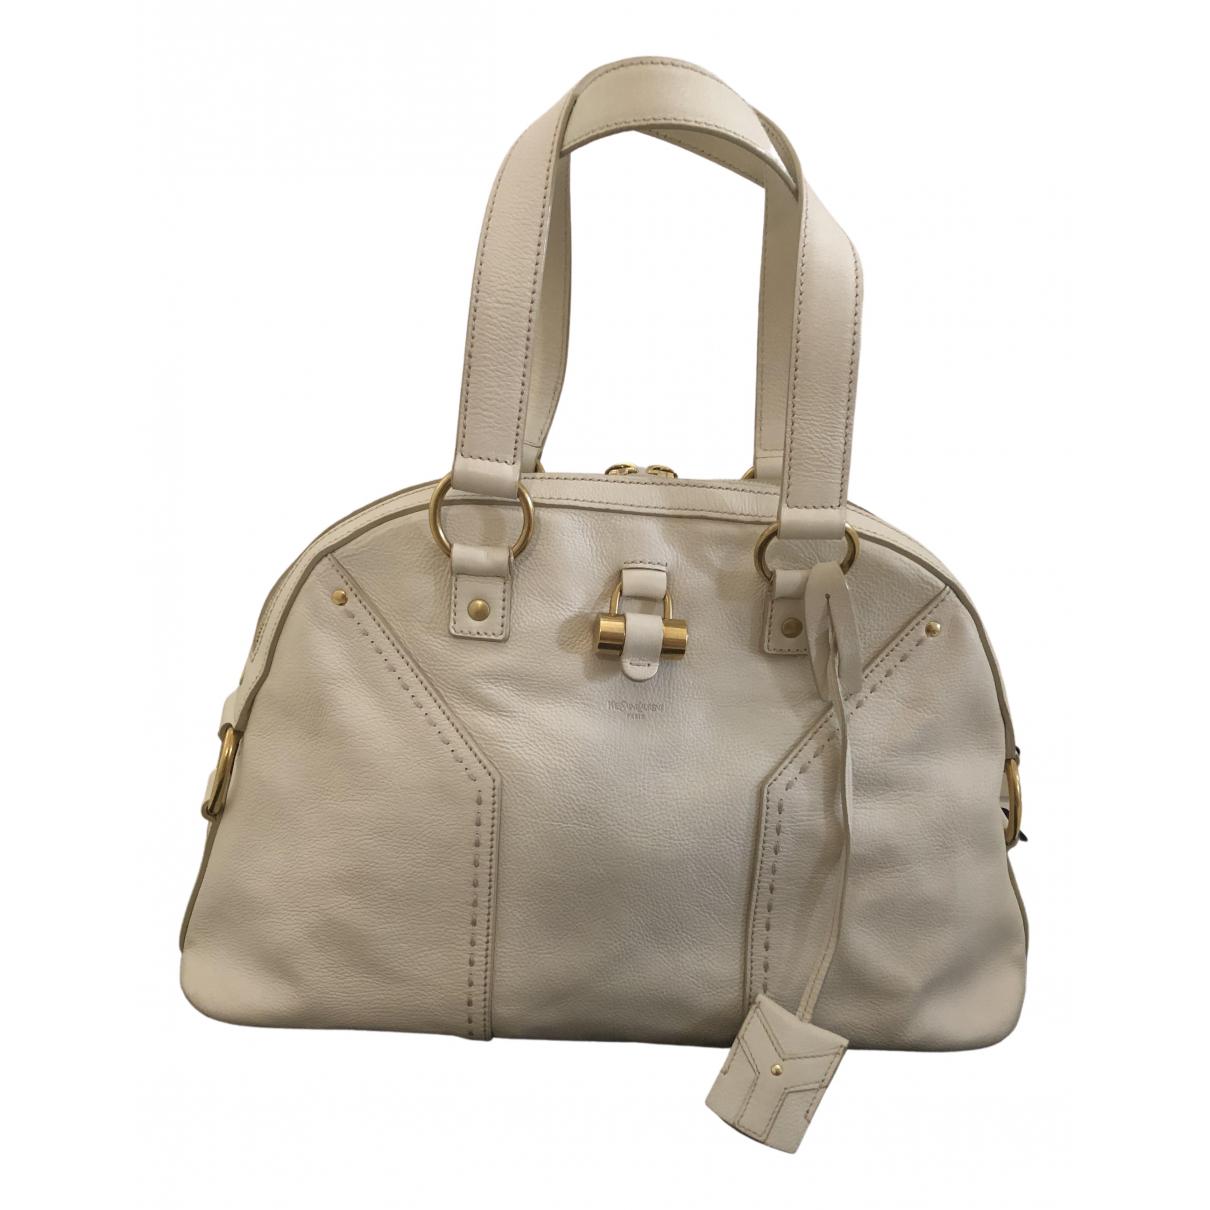 Yves Saint Laurent Muse White Leather handbag for Women \N